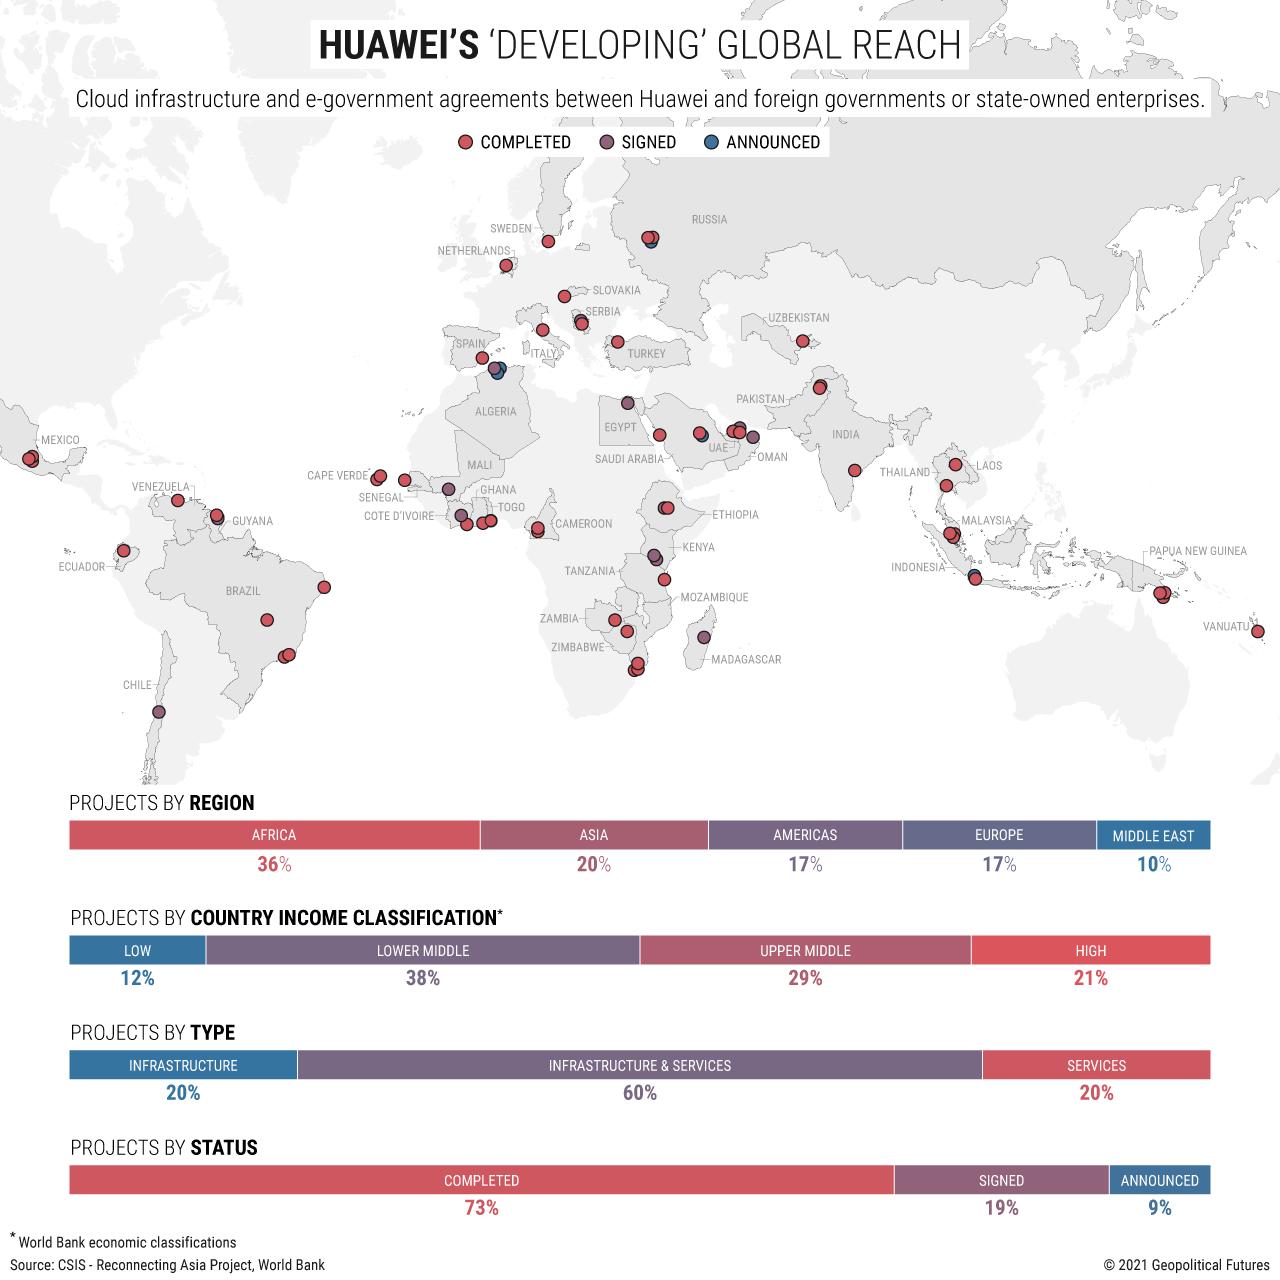 Huawei's Developing Global Reach